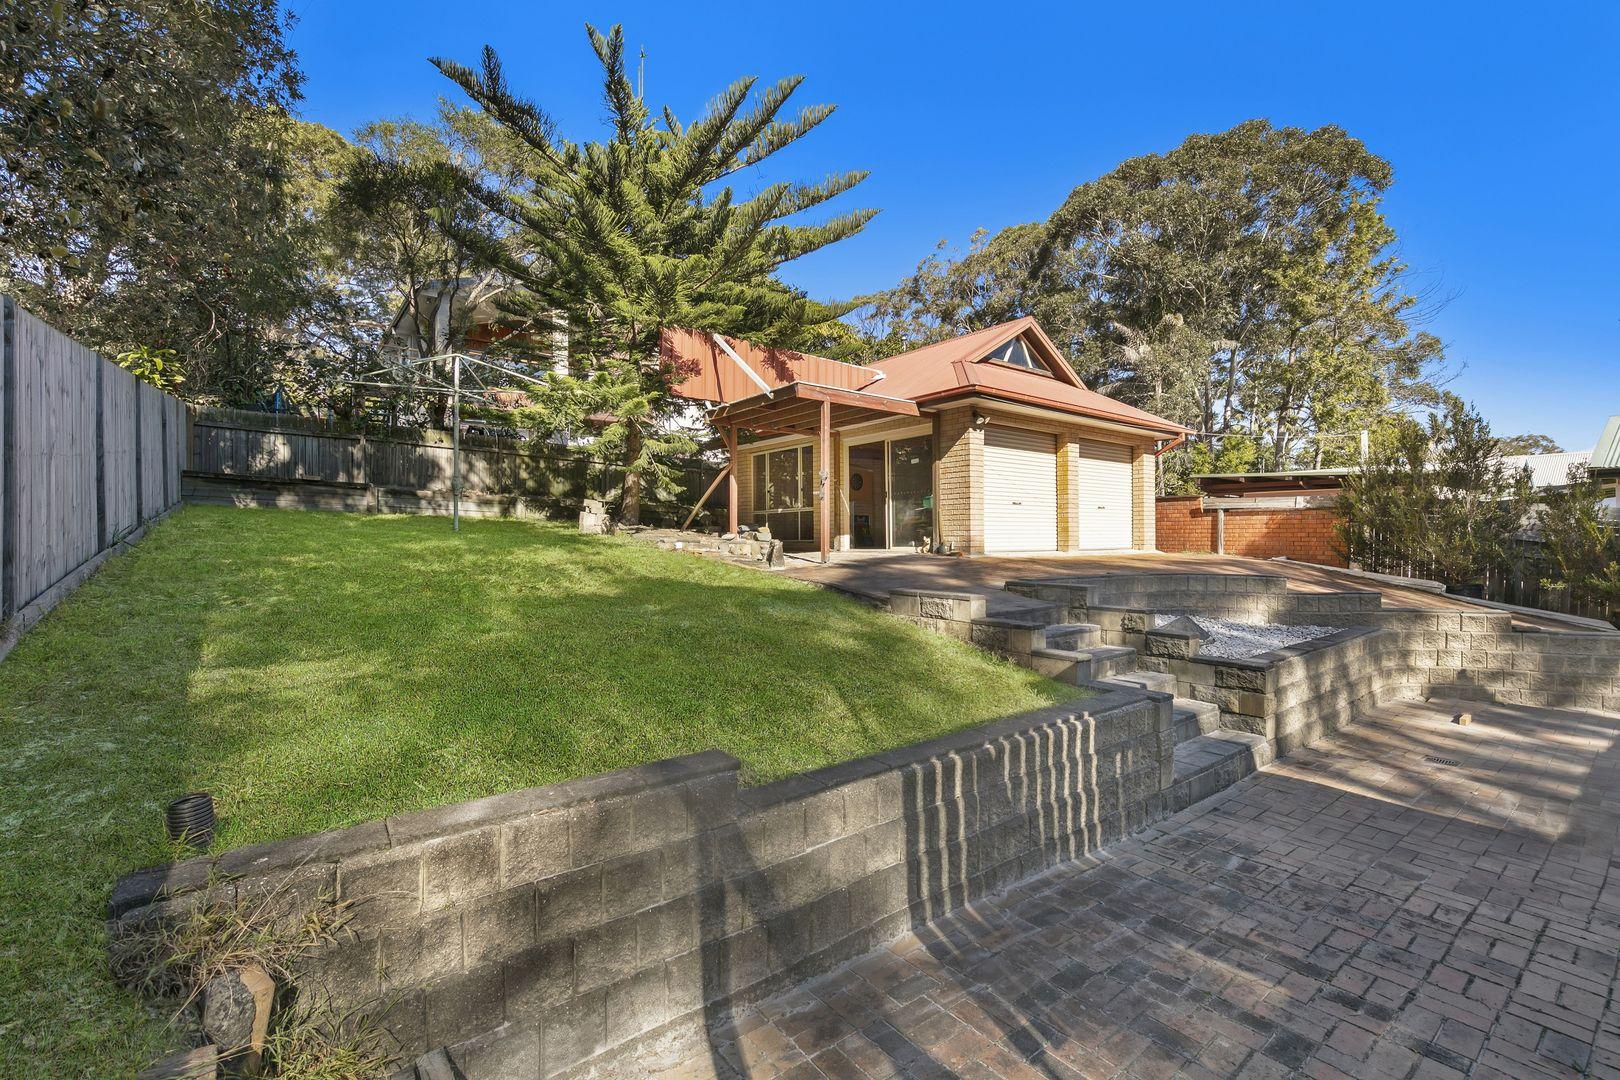 35 Wandella Ave, Bateau Bay NSW 2261, Image 2